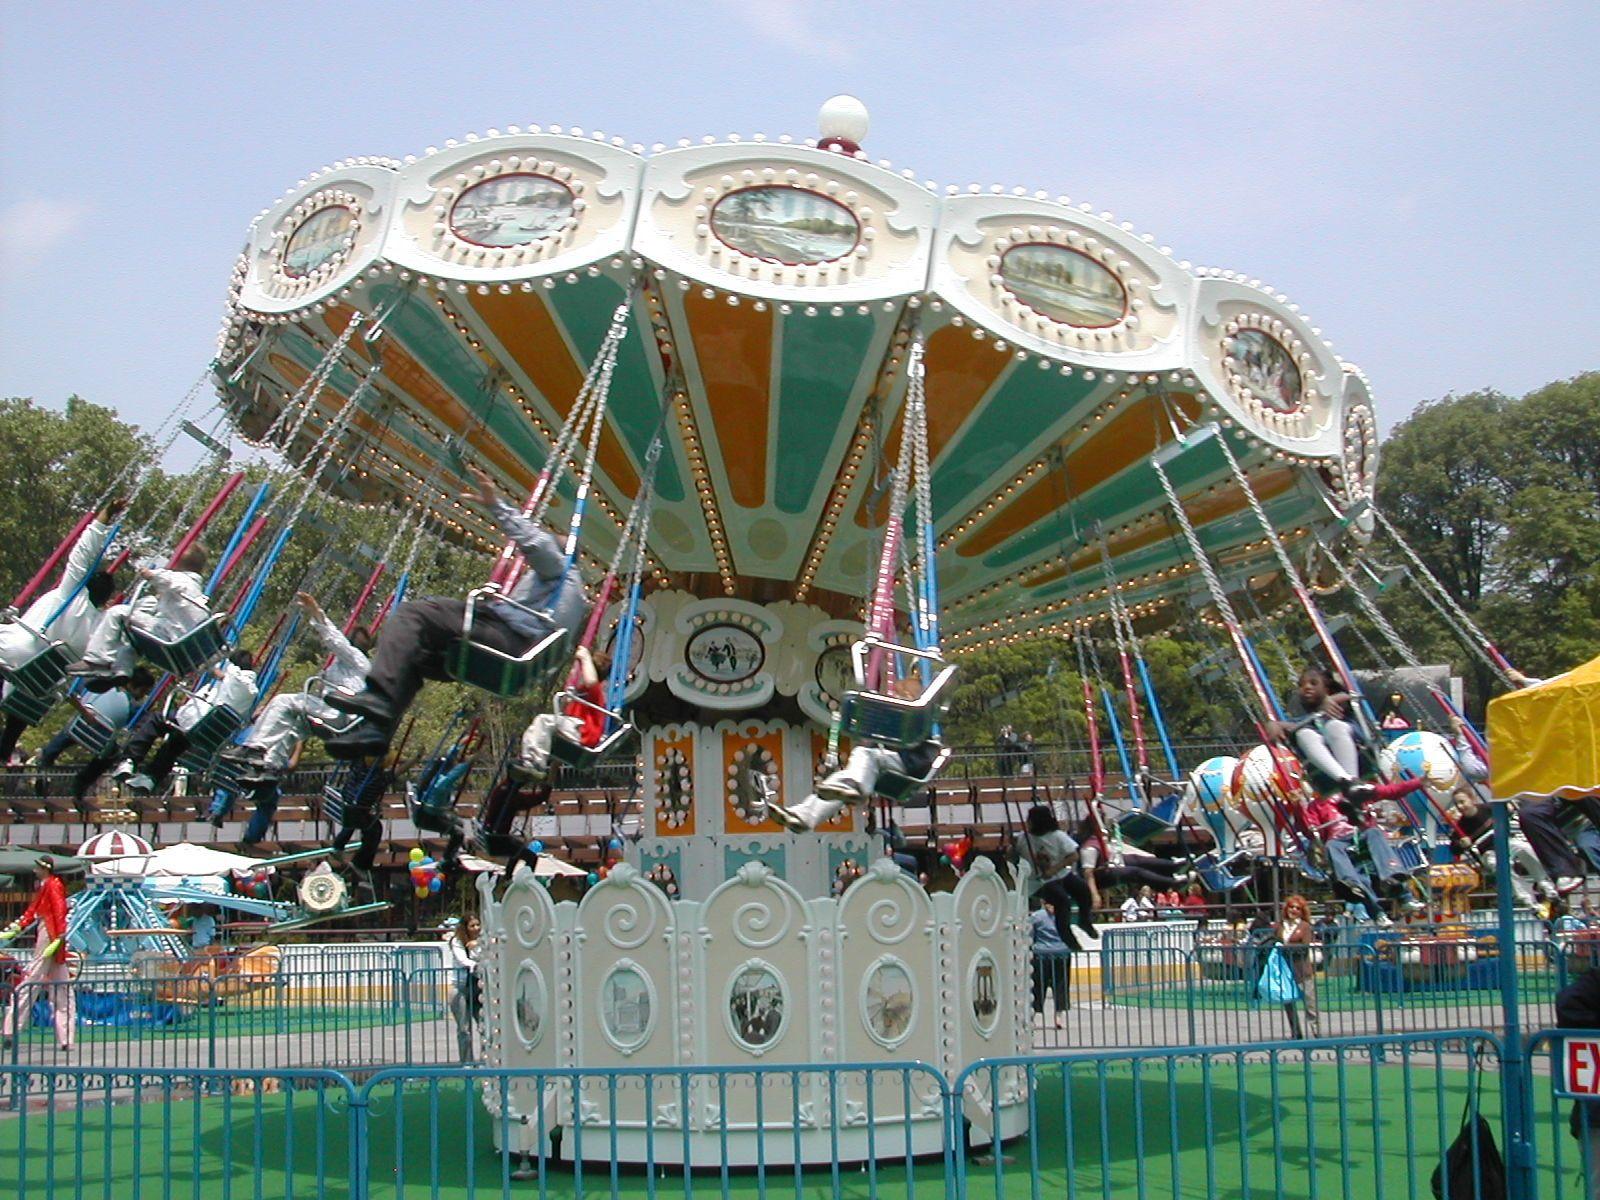 6141fb3c1165977b49cd6e27e83a6064 - Victorian Gardens Amusement Park New York